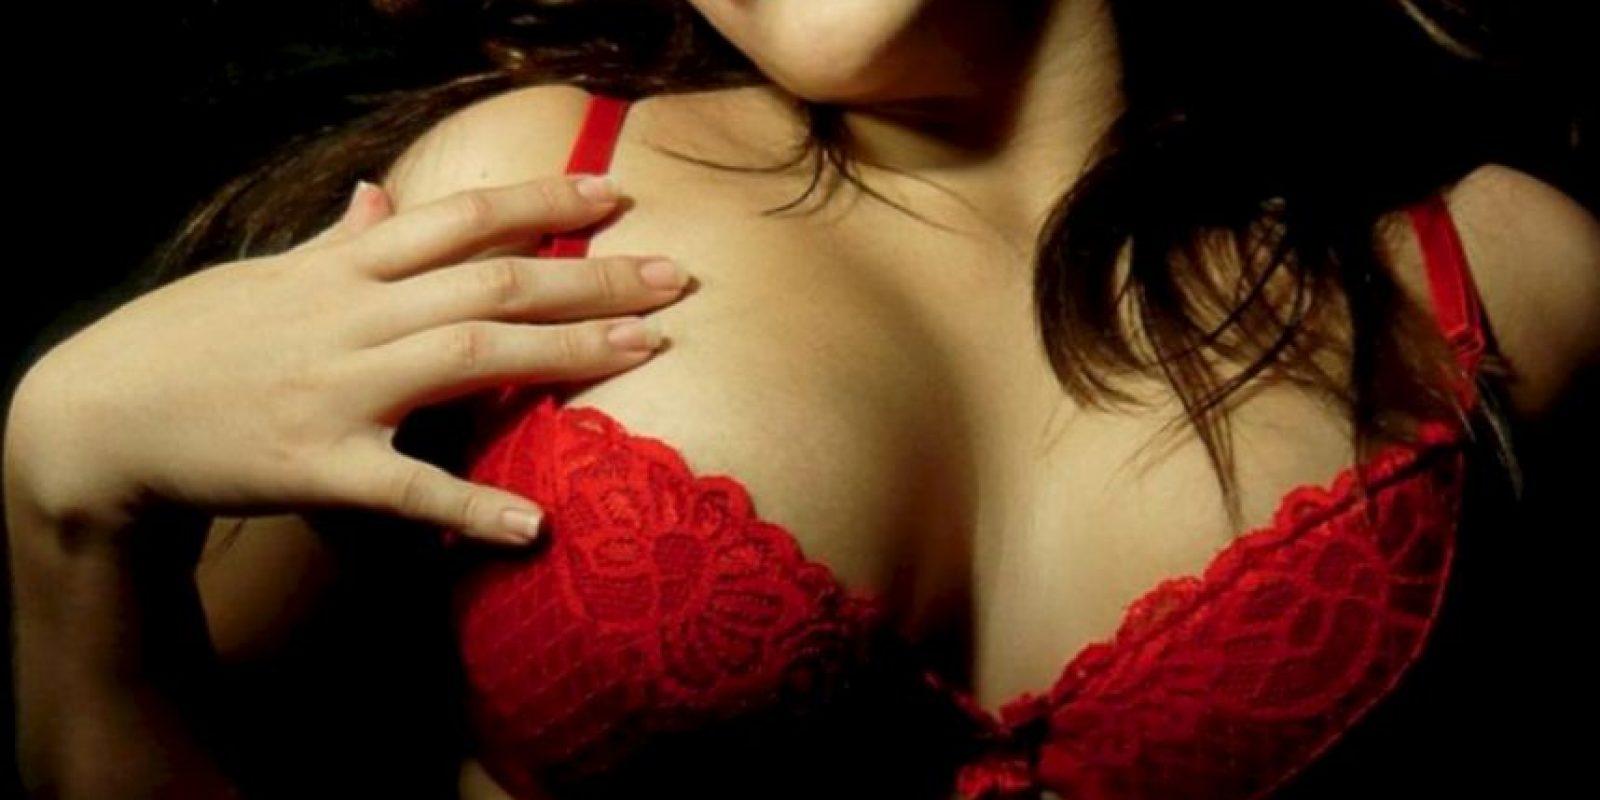 Según estudio de la Universidad de Sydney, la liberación de hormonas al tener un orgasmo, mejora la salud en general. Nos hace sentir más relajados y con menos tensión Foto:vía Pixabay